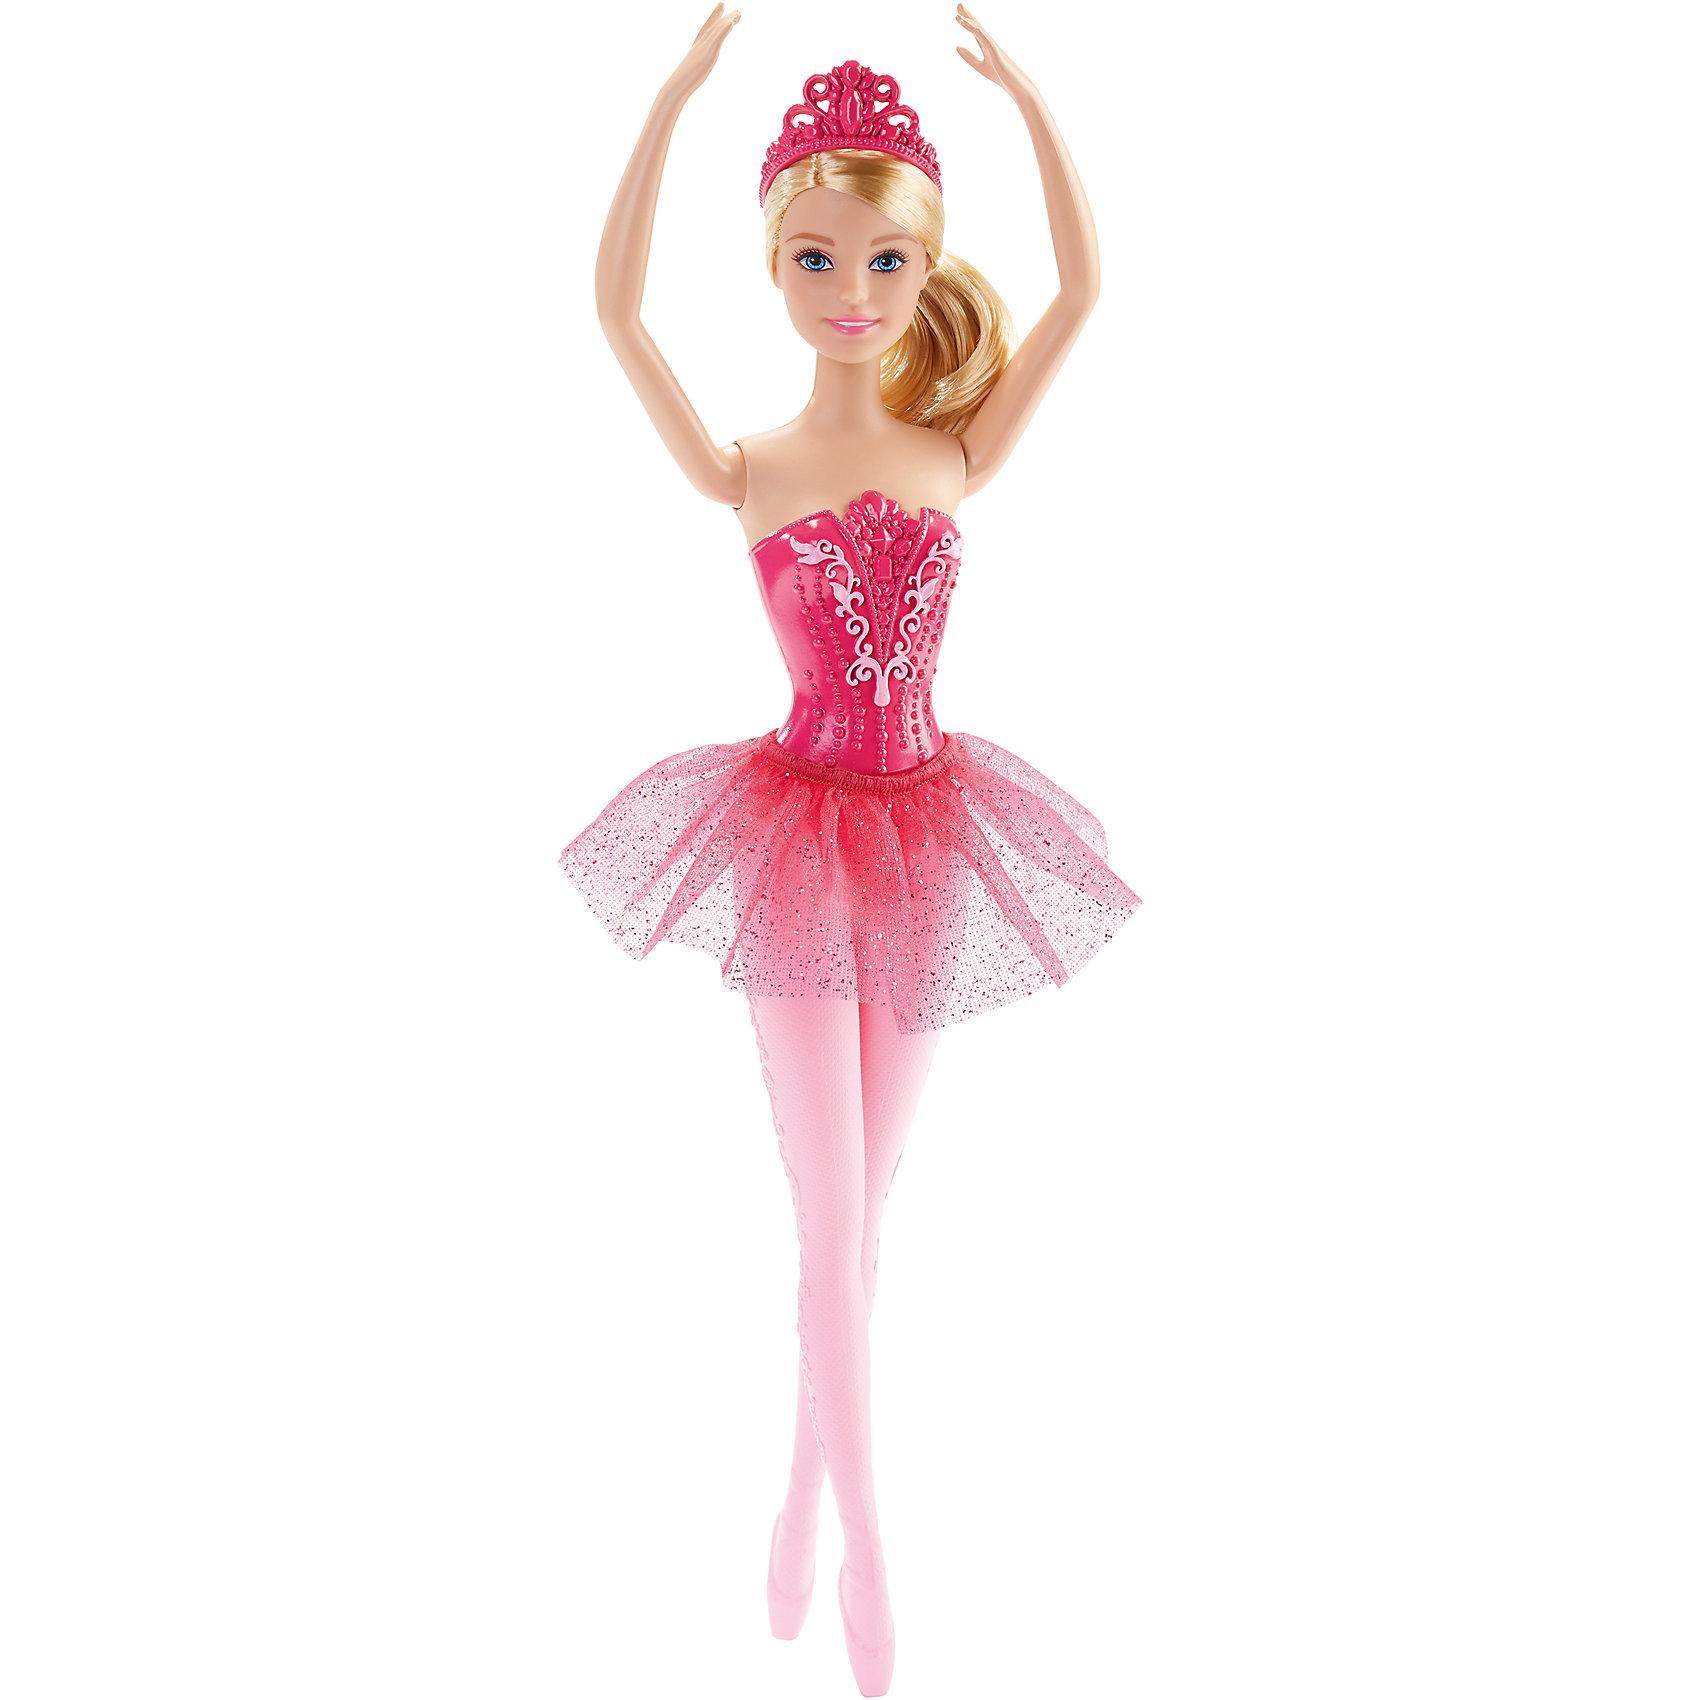 Балерина, BarbieBarbie<br>Балерина, Barbie, Mattel (Маттел) ? одна из самых знаменитых и современных на все времена куклу от Маттел ? Барби. На этот раз предстает в образе изящной балерины. Выполненная из безопасного высококачественного пластика, с подвижными частями тела ? руками, ногами, головой.<br>Балерина, Barbie, Mattel (Маттел) ? голубоглазая блондинка, одета в розовый кружевной корсет и воздушную пачку, на ногах прозрачные розовые колготки с рисунком и розовые пуанты. Прическа у Бабри, характерная для балерин, ? волосы собраны в пышный пучок, на голове ? розовая диадема. Кукла может принимать классические балетные позиции. <br>Балерина, Barbie, Mattel (Маттел) ? один из способов познакомить вашу девочку с миром классического балета. Балерина Бабри способствует сформированию чувства прекрасного, учит изяществу и грациозности.<br><br>Дополнительная информация:<br><br>- Вид игр: сюжетно-ролевые <br>- Предназначение: для дома<br>- Материал: пластик, текстиль<br>- Цвет: оттенки розового, белый<br>- Размер (Д*Ш*В): 5*9*32,5 см<br>- Вес: 198 г <br>- Особенности ухода: куклу можно мыть в теплой мыльной воде<br><br>Подробнее:<br><br>• Для детей в возрасте: от 3 лет и до 8 лет<br>• Страна производитель: Индонезия<br>• Торговый бренд: Mattel<br><br>Балерину, Barbie, Mattel (Маттел) можно купить в нашем интернет-магазине.<br><br>Ширина мм: 50<br>Глубина мм: 90<br>Высота мм: 325<br>Вес г: 198<br>Возраст от месяцев: 36<br>Возраст до месяцев: 96<br>Пол: Женский<br>Возраст: Детский<br>SKU: 4770037